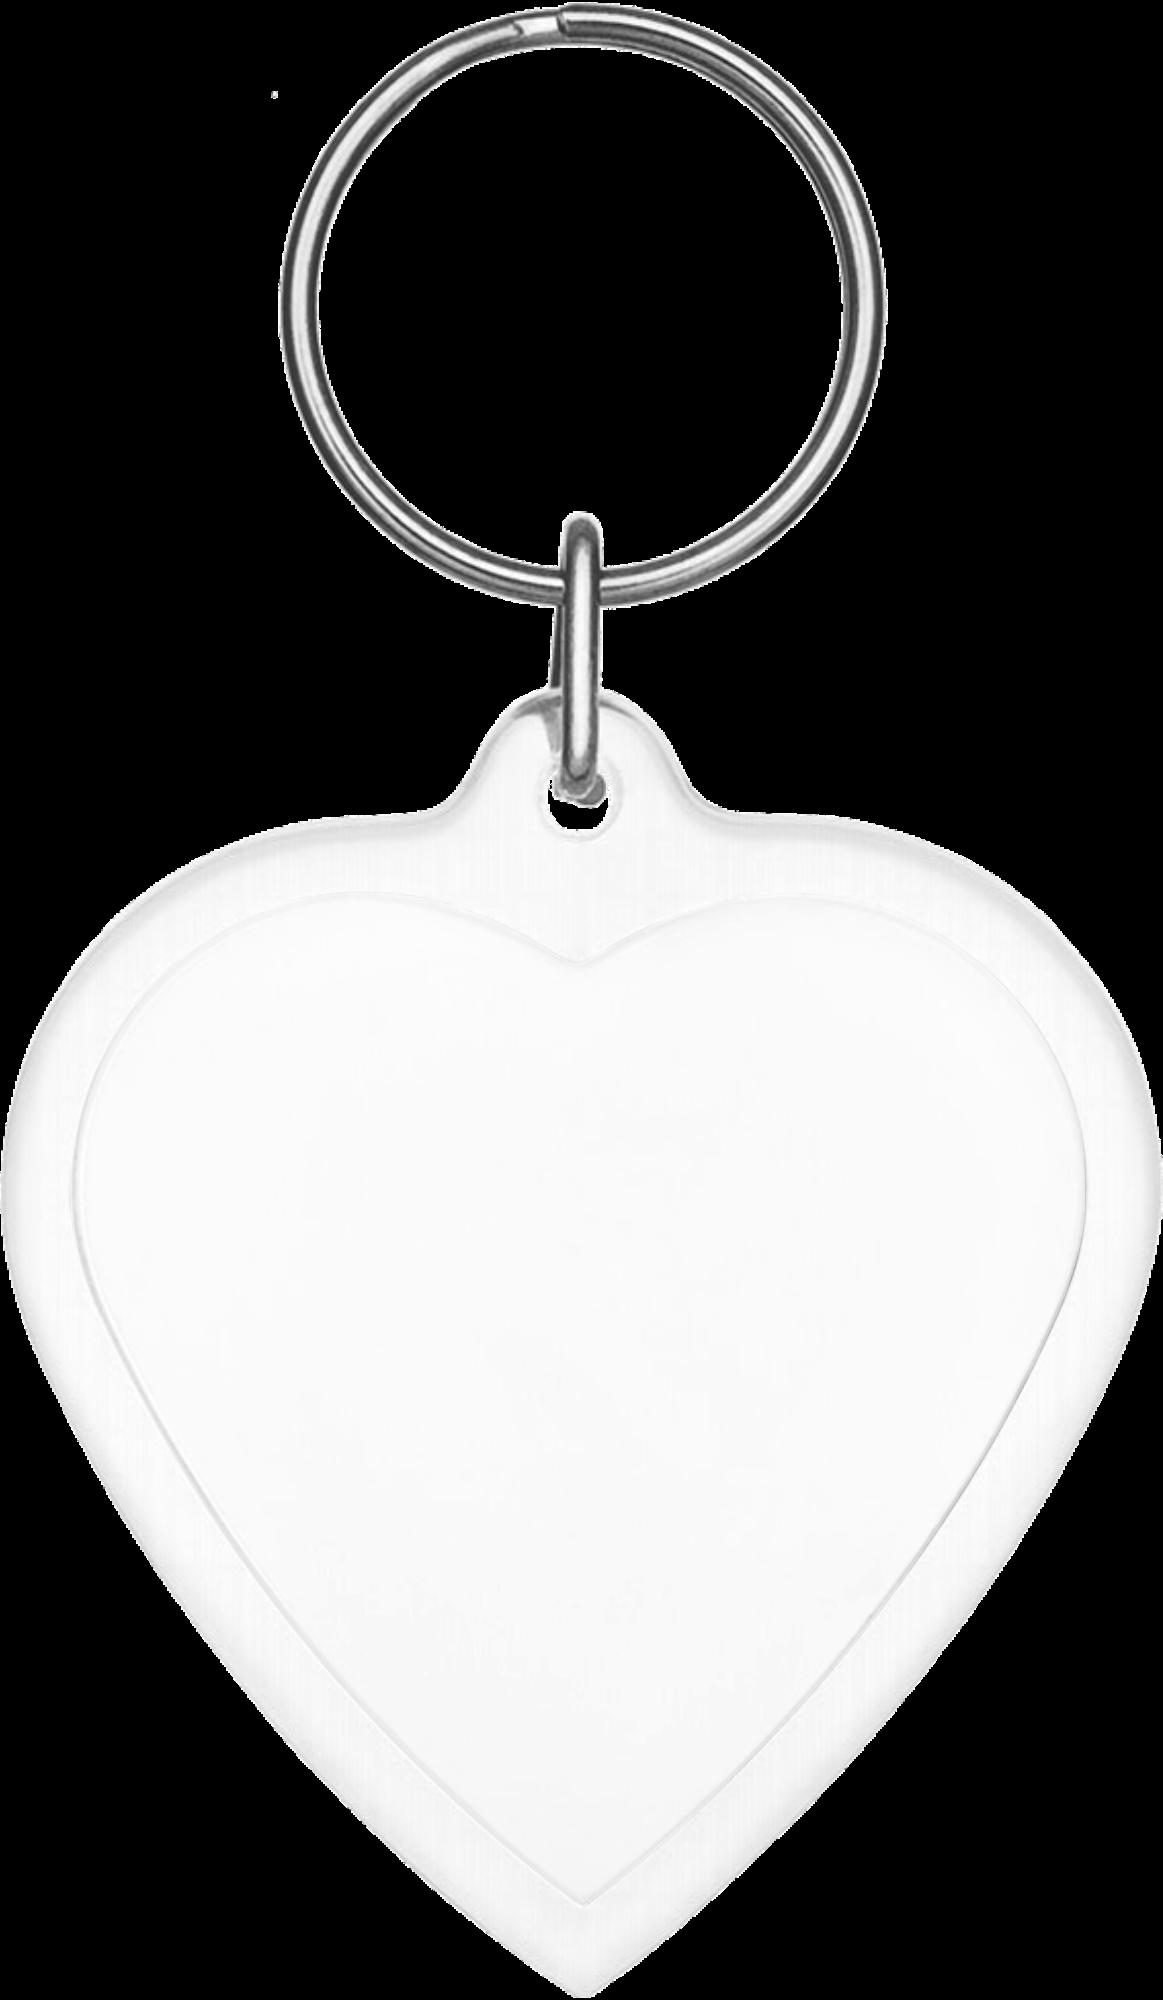 Plastic Heart Keychain